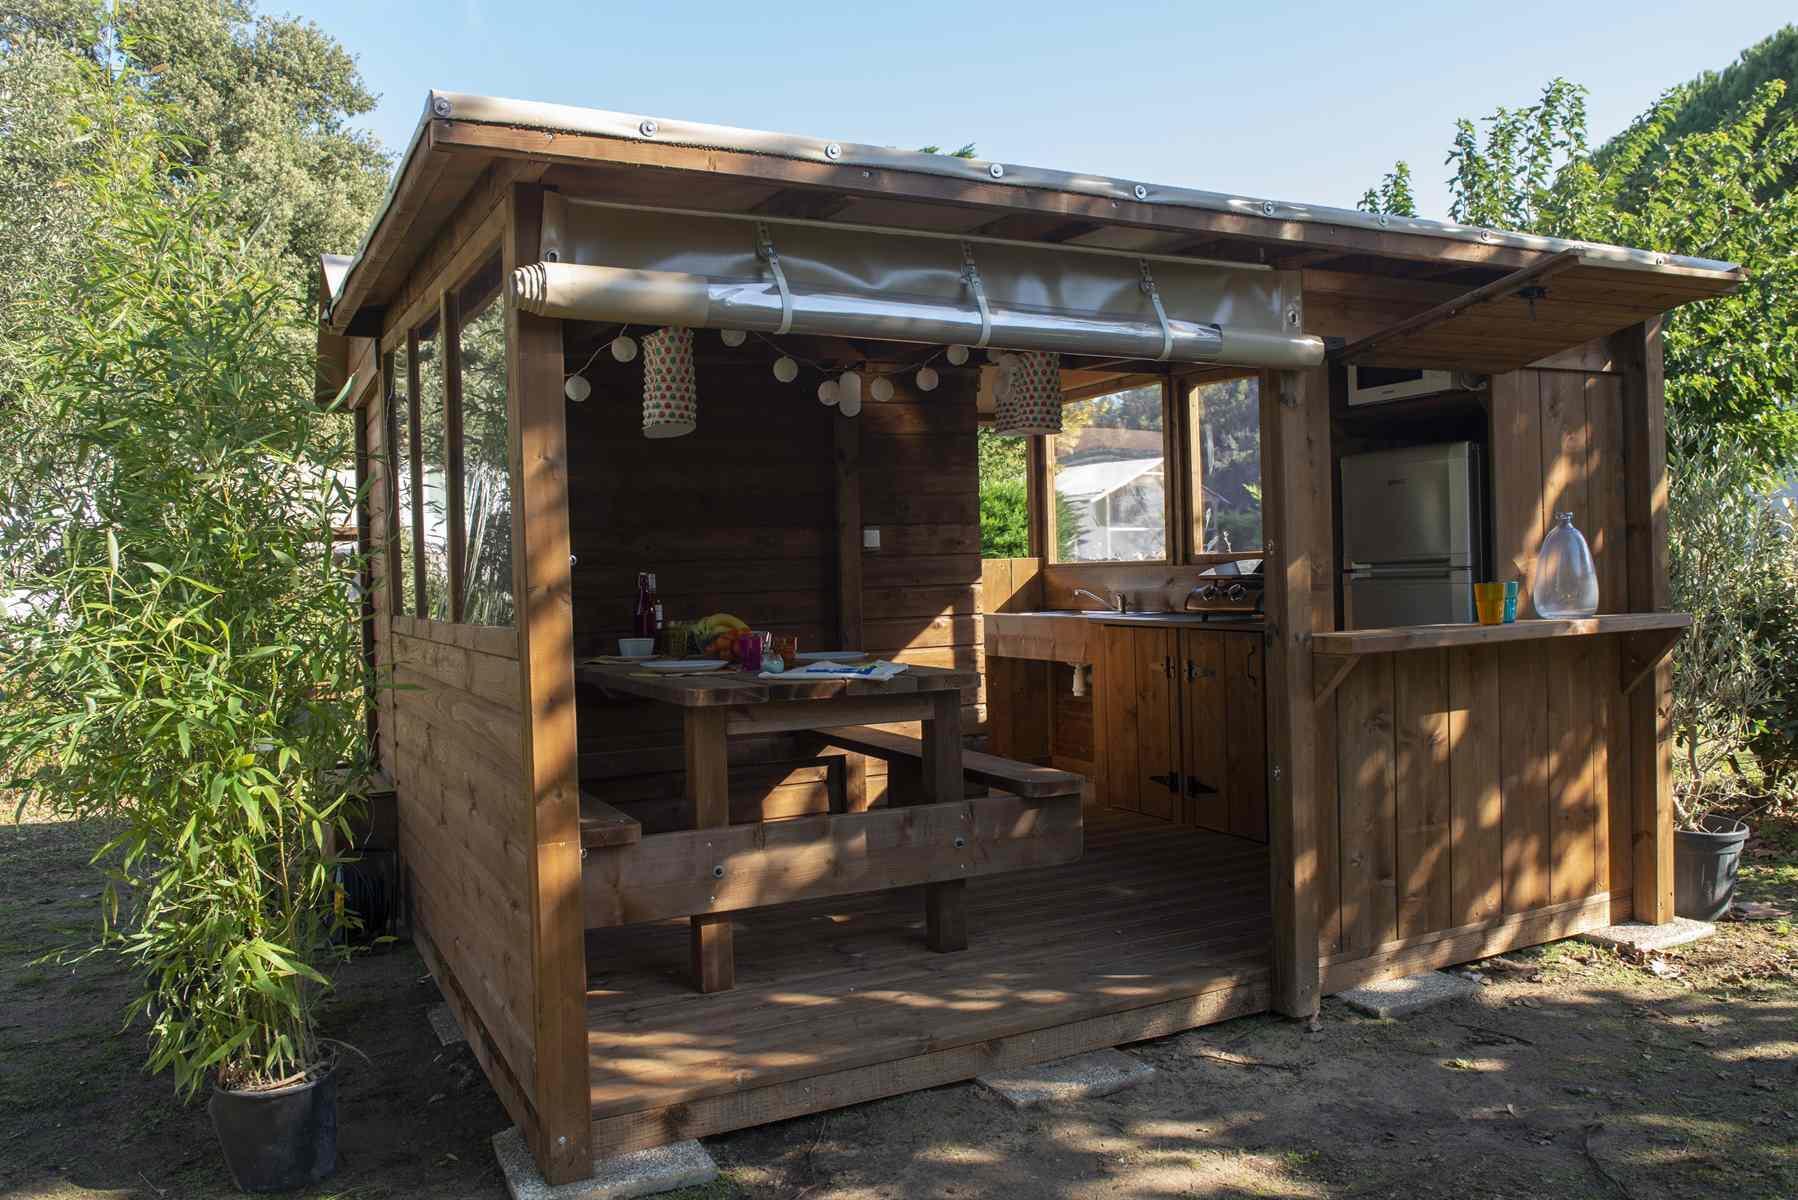 Emplacement - Forfait Premium Freecamp Guinguette - Cabane Privative Avec Sanitaire Et Cuisine Privatifs (1 Tente, Caravane Ou Camping-Car / 1 Voiture / Électricité 16A) 2 Pers. - Camping Du Lac de la Chausselière